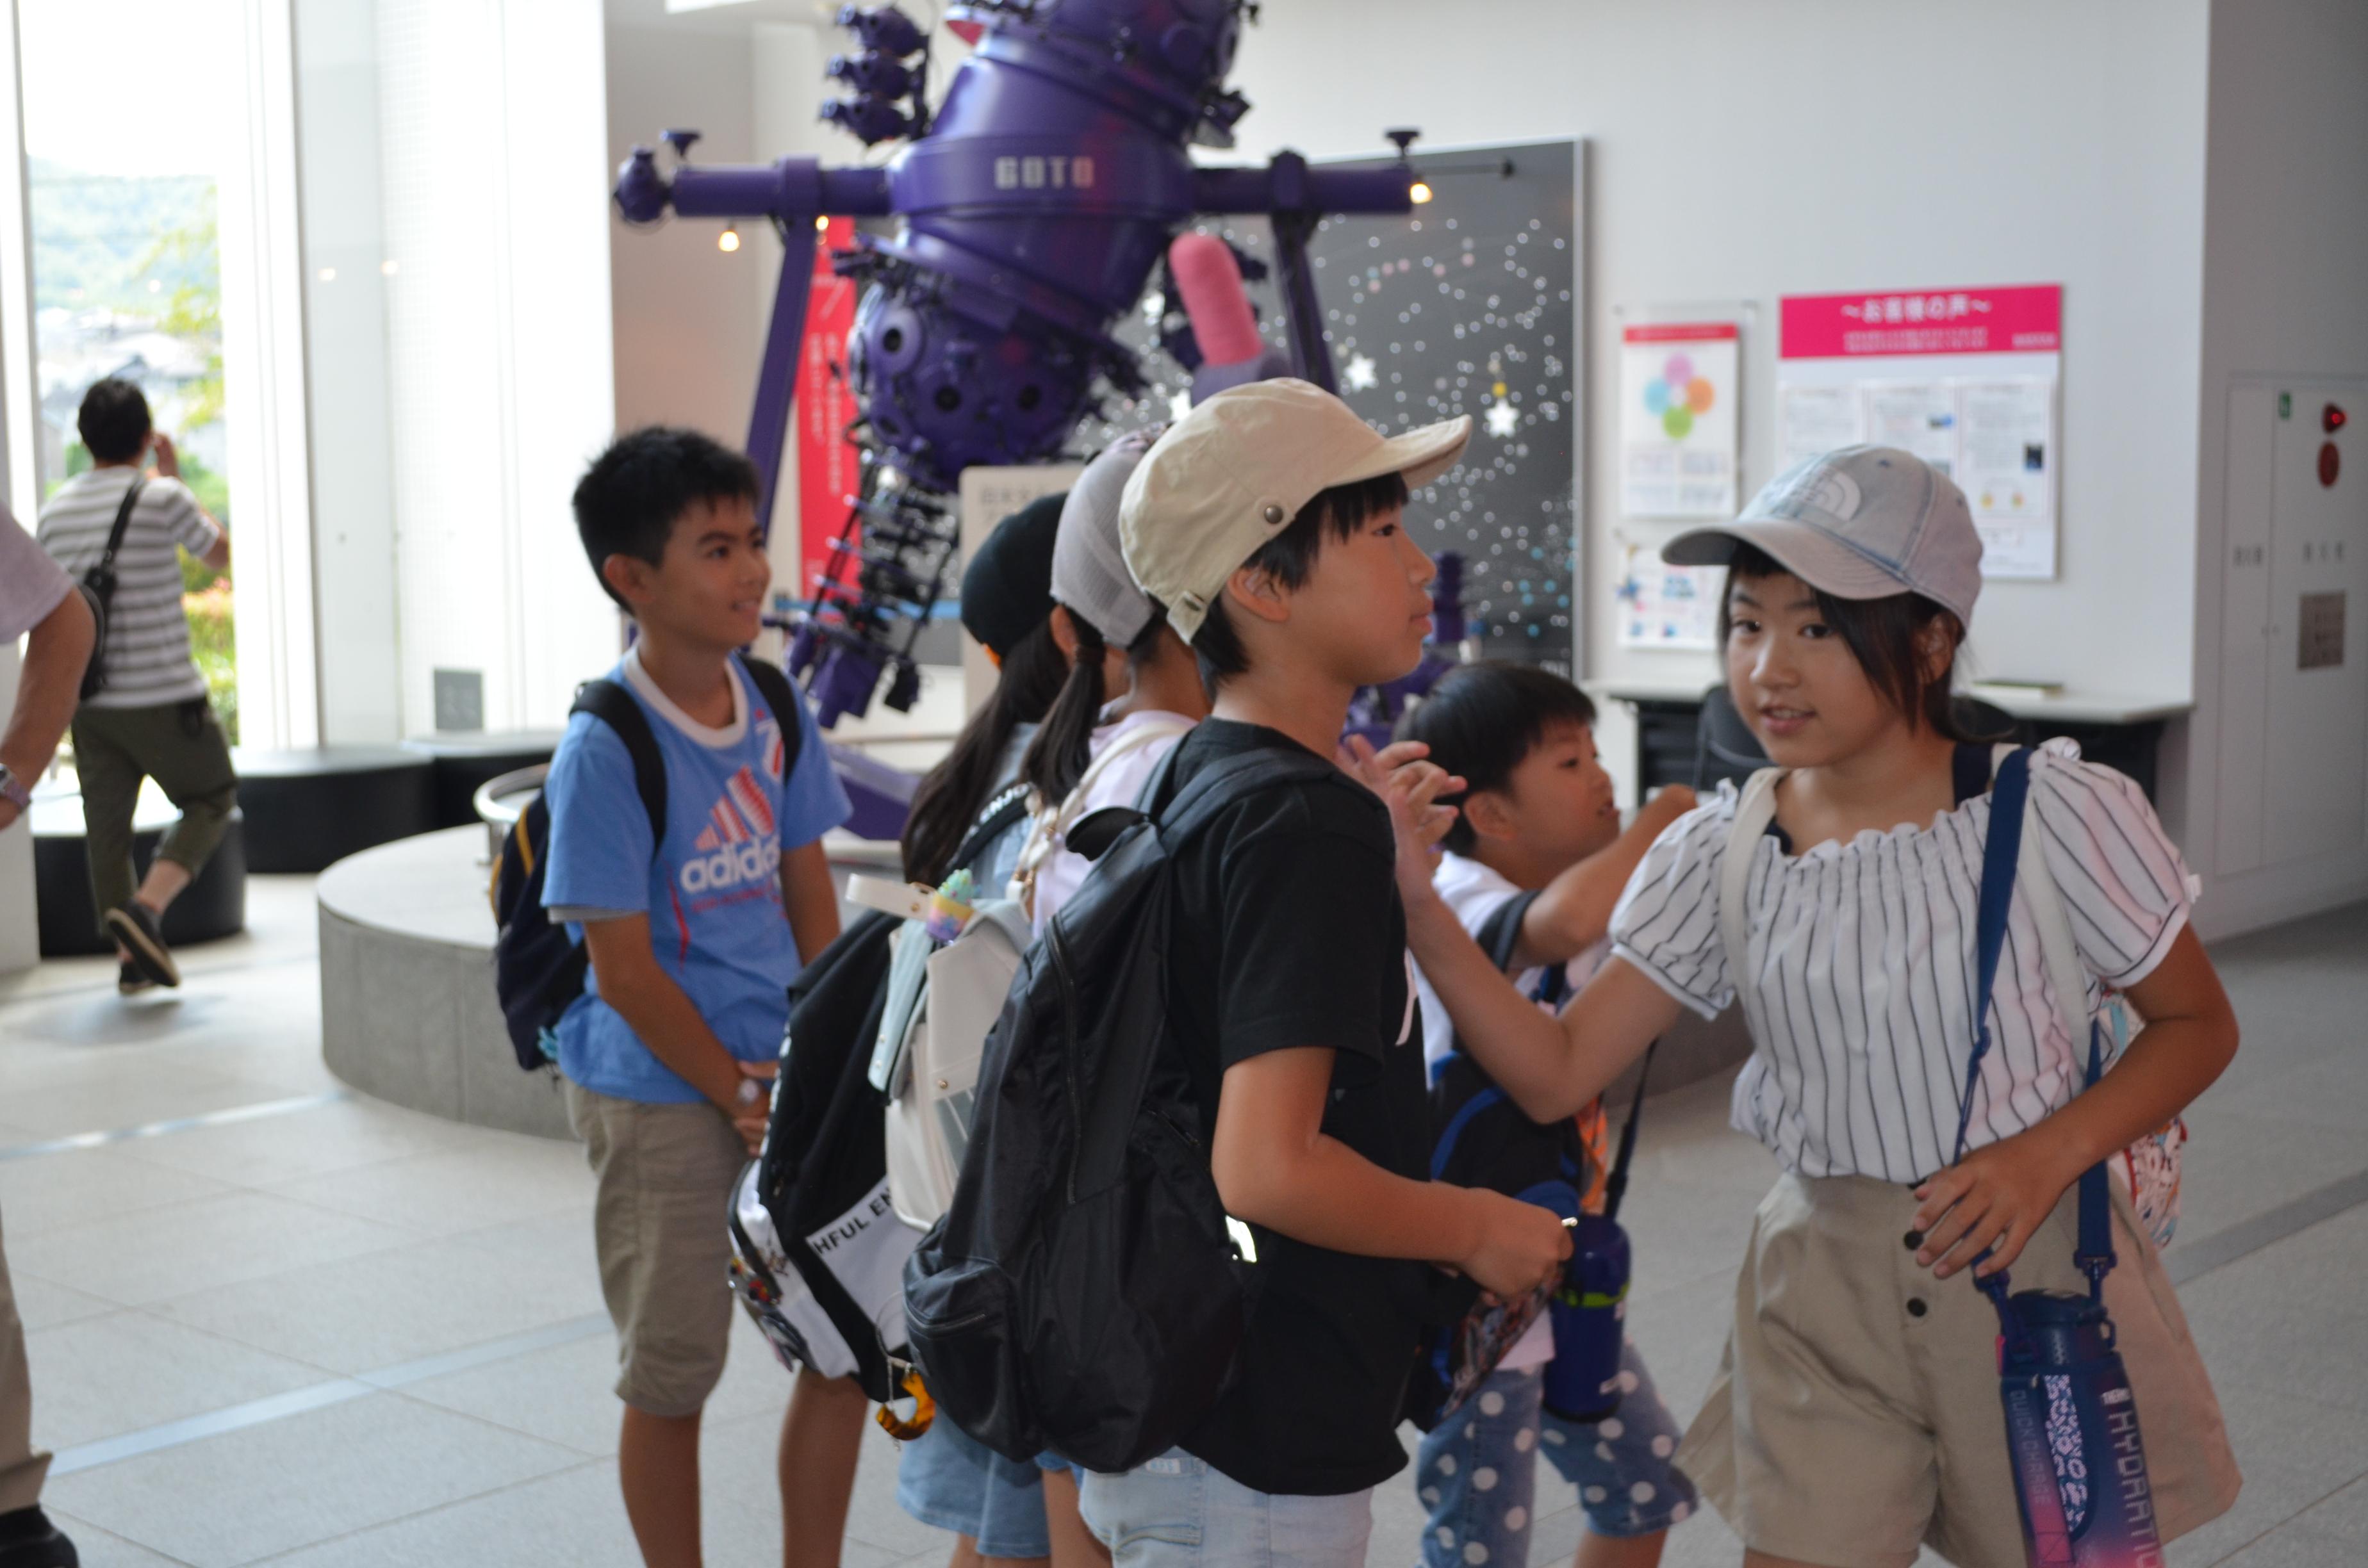 夏休み郊外体験学習(天文教室)開催:画像